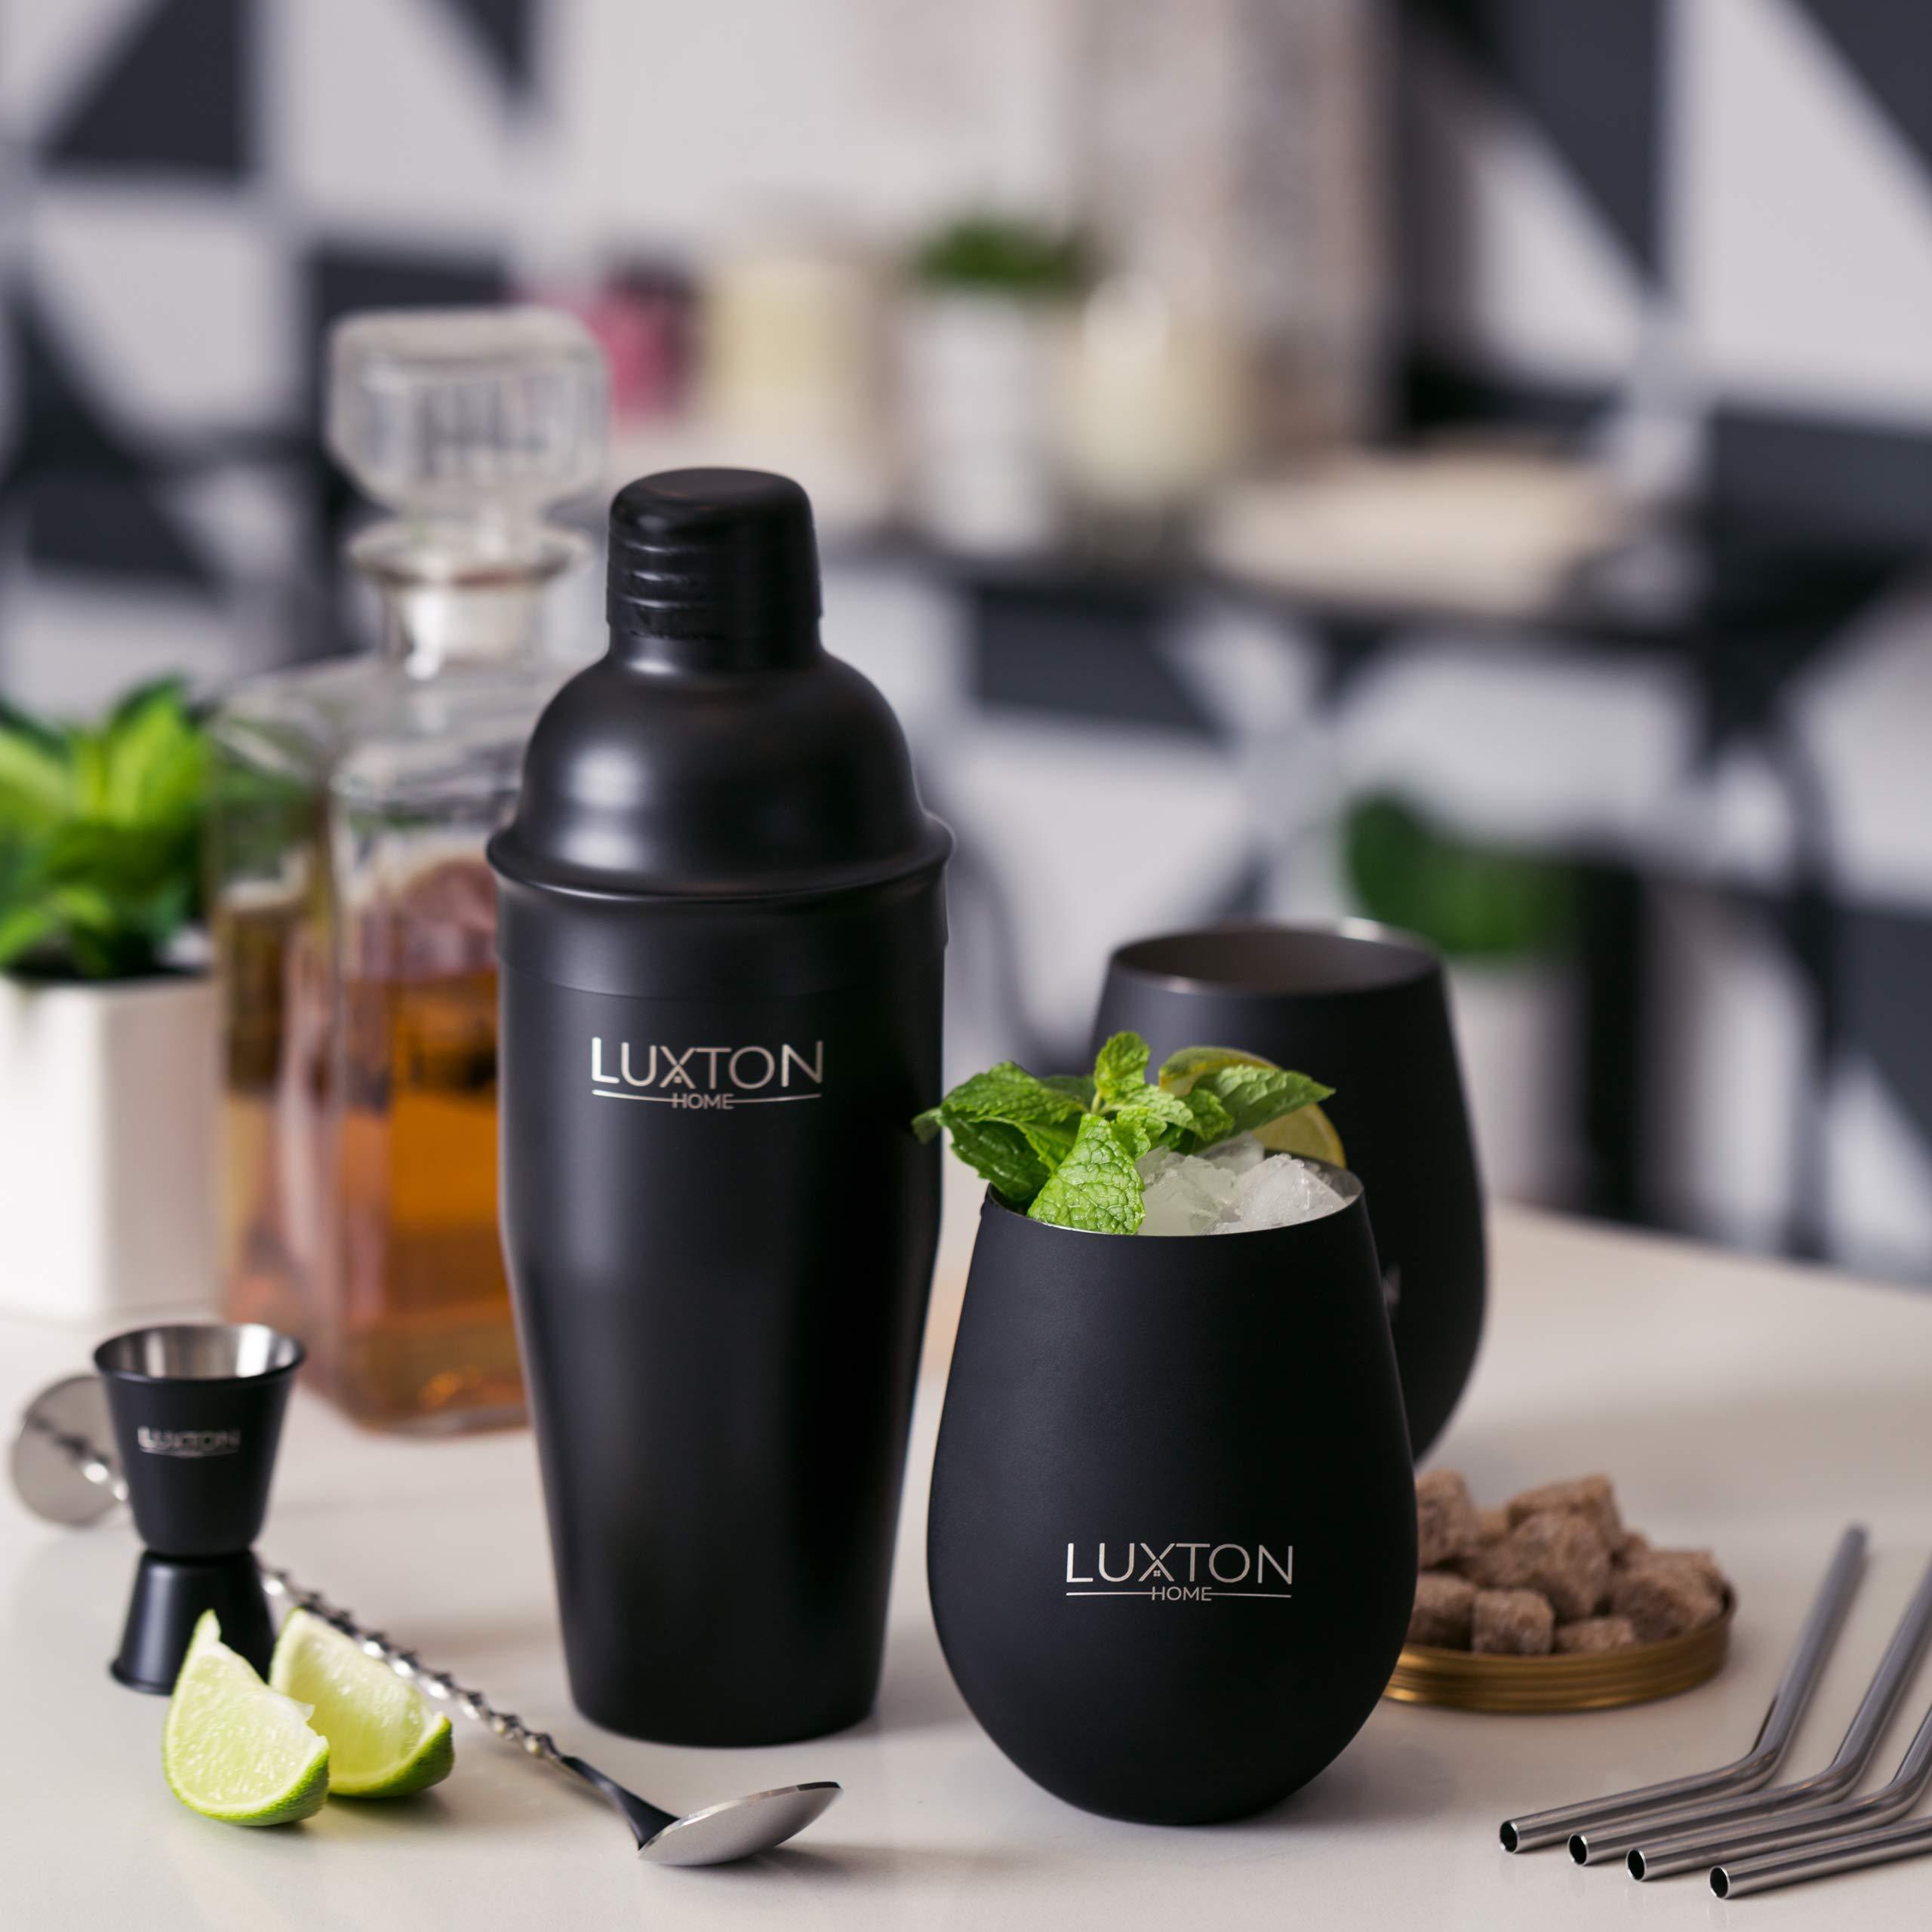 Luxton-Home-Ultimate-Cocktail-Shaker-Set-inkl-2-Tassen-und-4-Strohhalmen-Mattschwarz